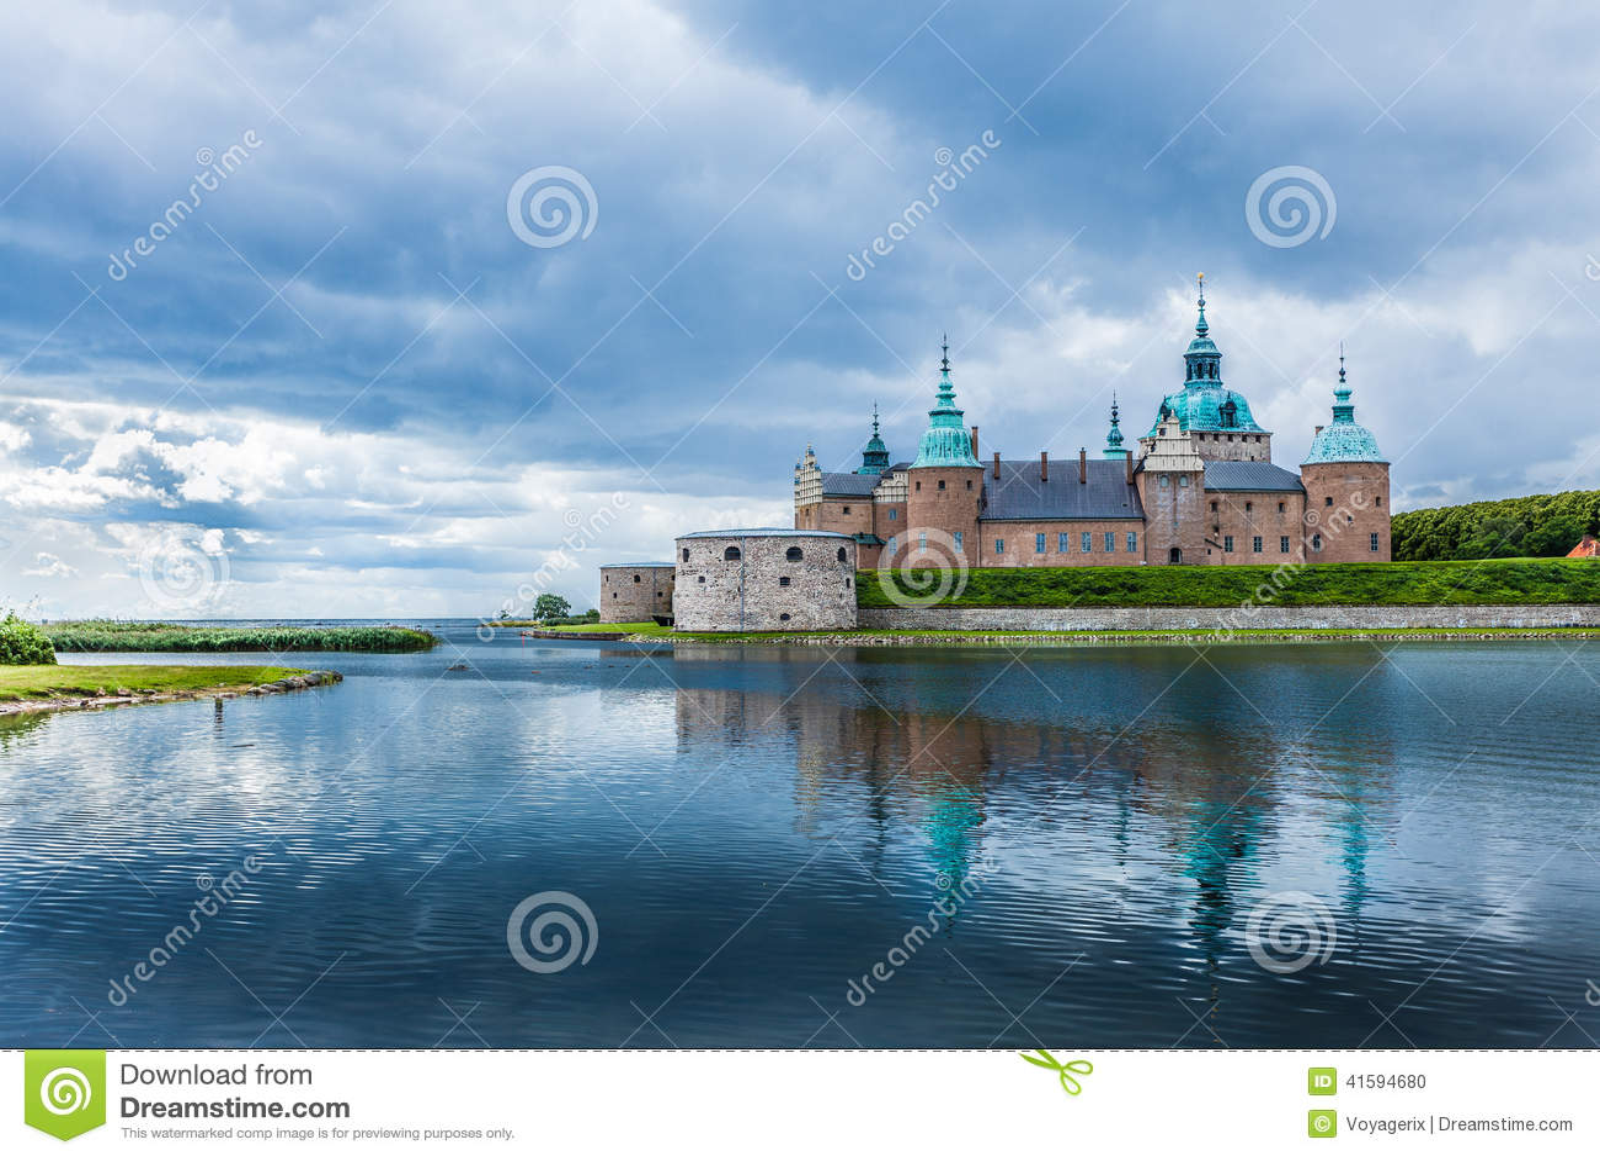 Historisk Kalmar slott i Sverige Skandinavien Europa landmark